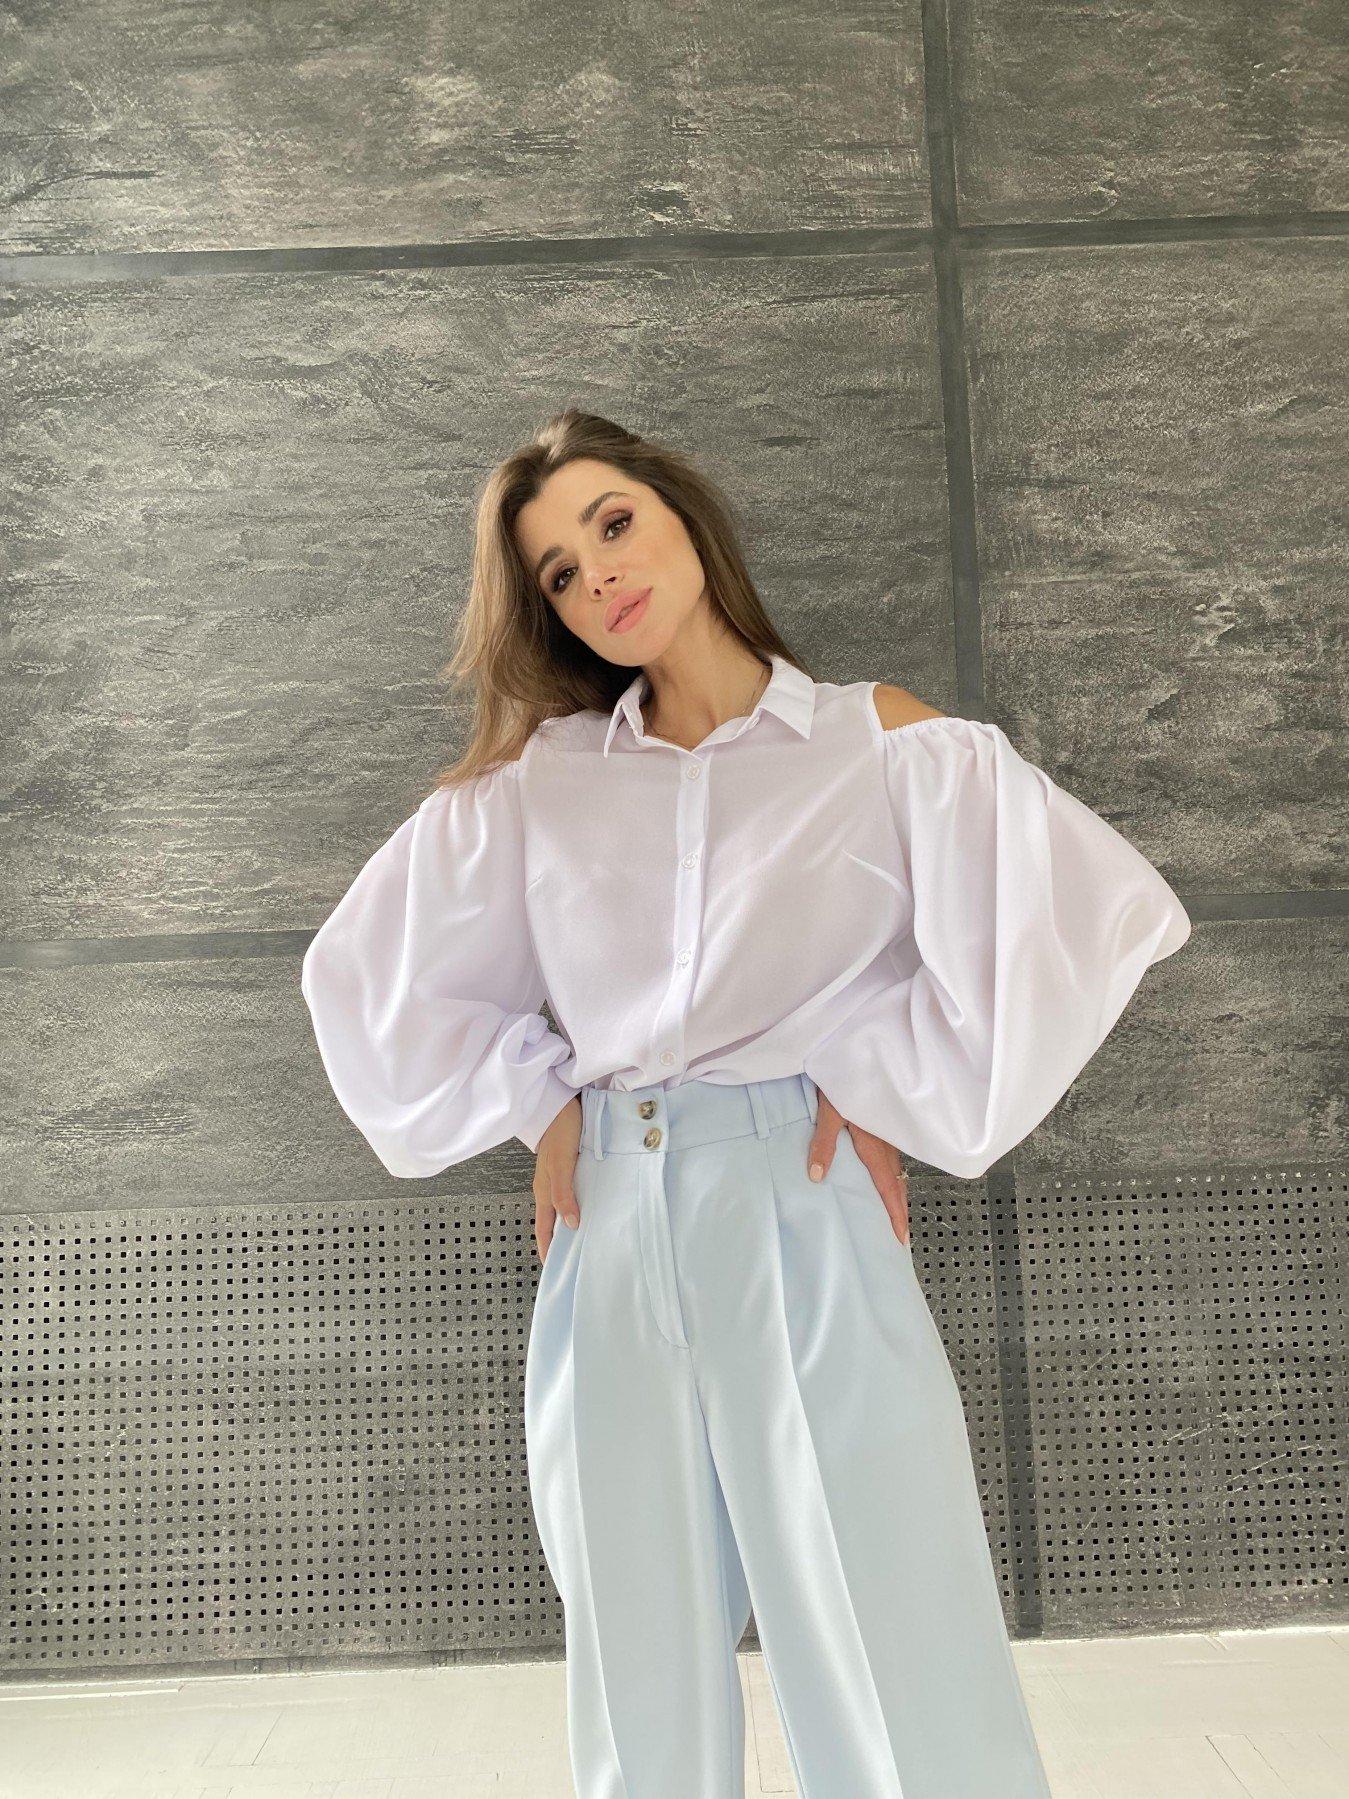 Адель блуза из креп креш шифона 11657 АРТ. 48371 Цвет: Белый - фото 6, интернет магазин tm-modus.ru